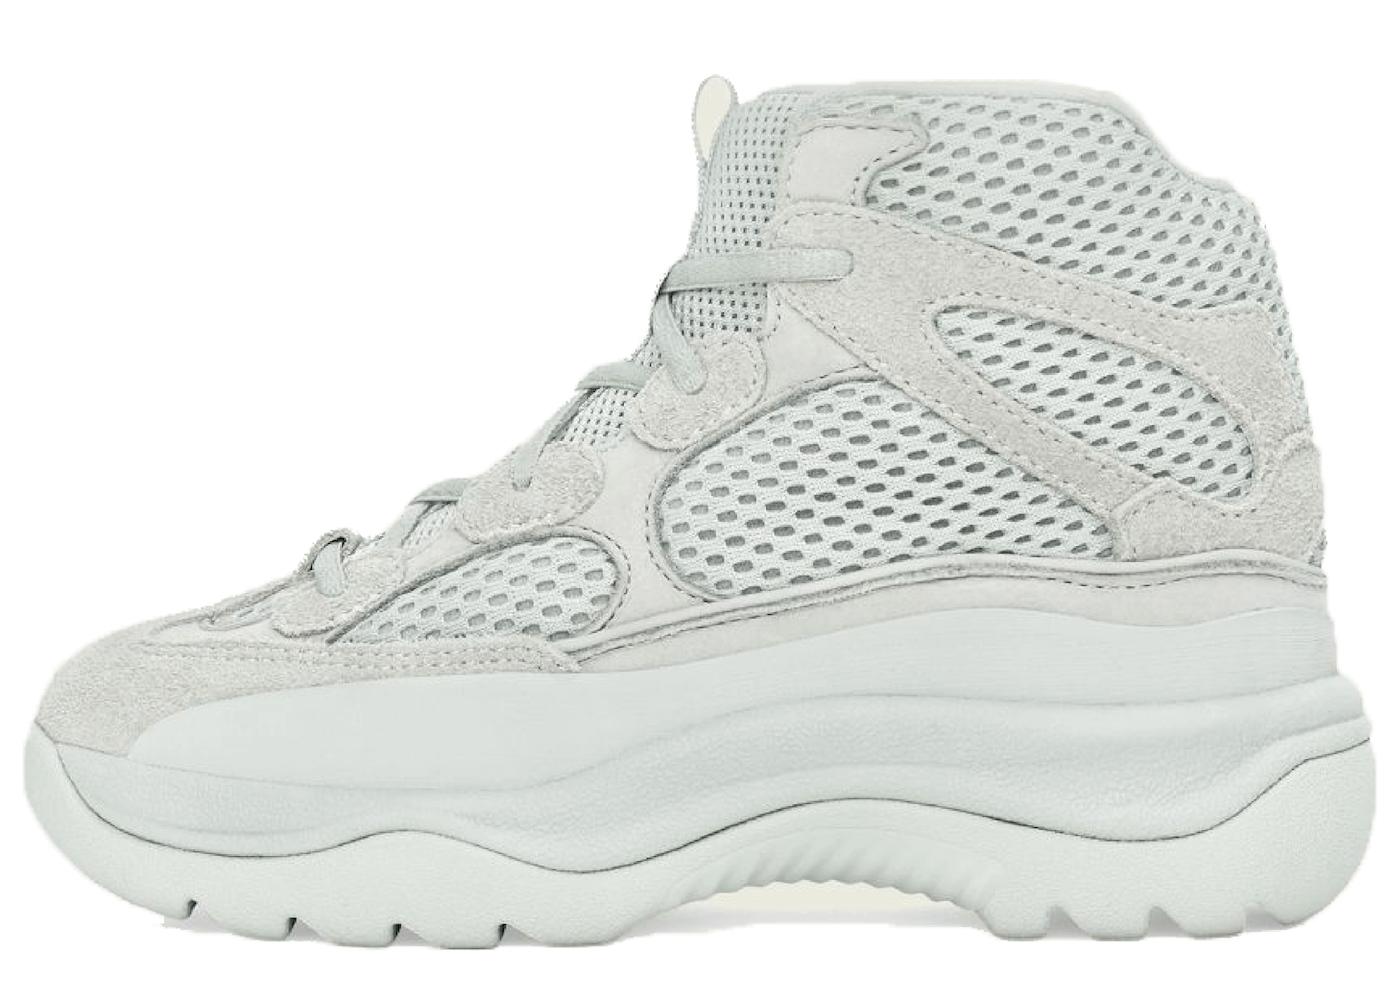 """Adidas Yeezy Desert Boot Kids """"Salt""""の写真"""